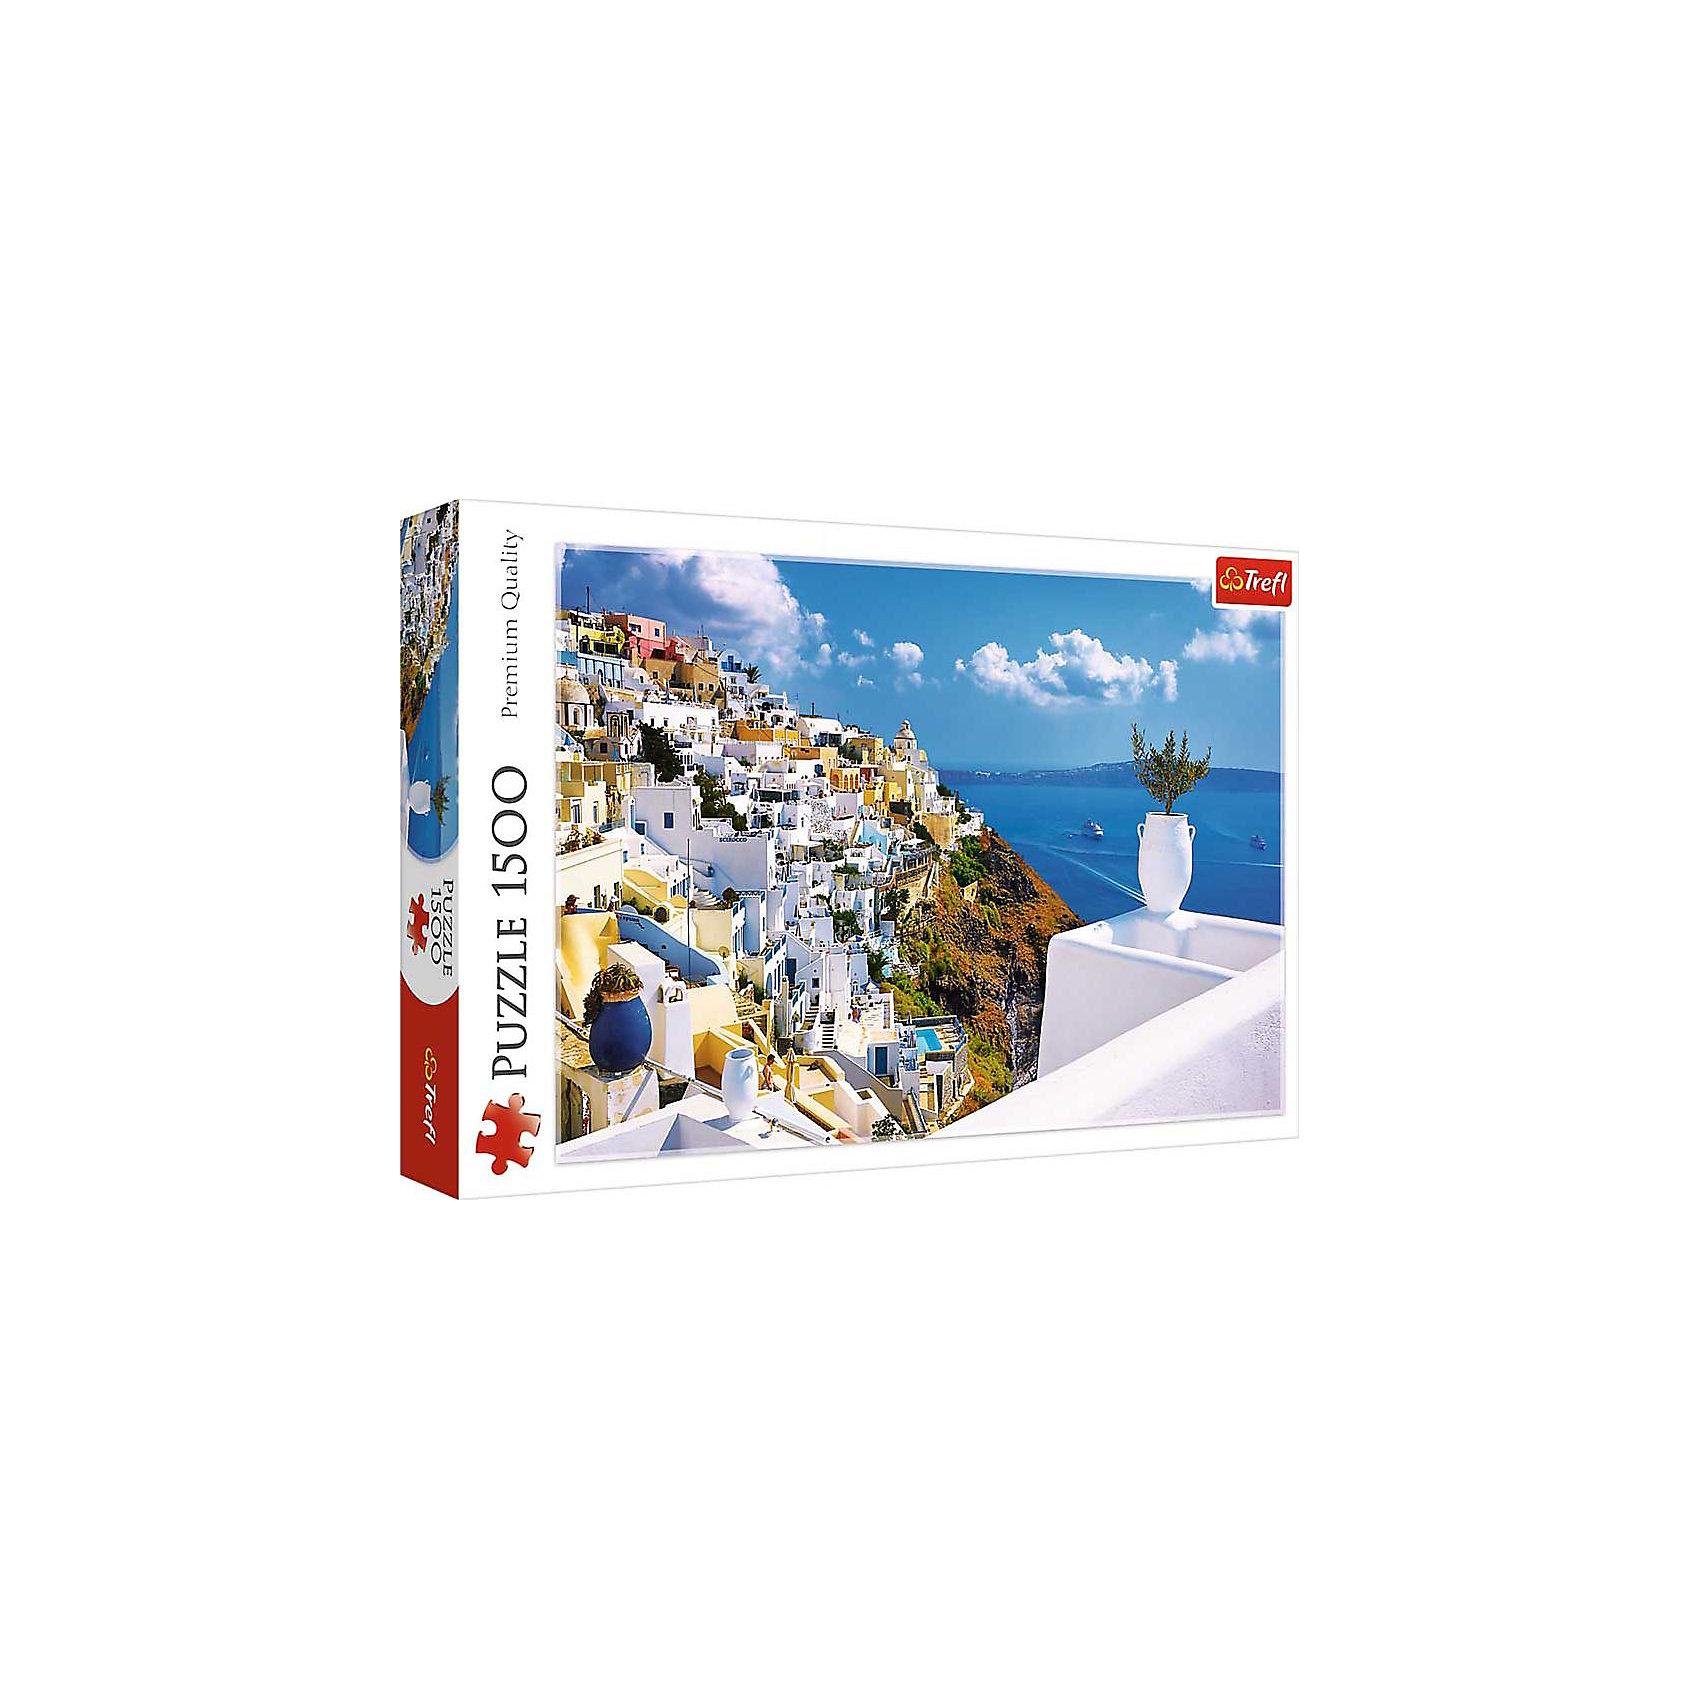 Пазл Санторини. Греция, 1500 деталей, TreflКлассические пазлы<br>Характеристики товара:<br><br>• возраст от 12 лет;<br>• материал: картон;<br>• в наборе: 1500 элементов;<br>• размер пазла 85х58 см;<br>• размер упаковки 27х40х6 см;<br>• вес упаковки 980 гр.;<br>• страна производитель Польша.<br><br>Пазл «Санторини. Греция» Trefl — пазл из 1500 деталей с красивыми видами острова Санторини обязательно понравится всем любителям собирать пазлы. С балкона открываются невероятные виды на море, белоснежные дома и скалистый берег. Собирая пазл, у детей развиваются внимательность, усидчивость, аккуратность, логическое мышление. Пазл изготовлен из качественных материалов со специальным стойким покрытием.<br><br>Пазл «Санторини. Греция» Trefl можно приобрести в нашем интернет-магазине.<br><br>Ширина мм: 270<br>Глубина мм: 401<br>Высота мм: 60<br>Вес г: 980<br>Возраст от месяцев: 144<br>Возраст до месяцев: 2147483647<br>Пол: Унисекс<br>Возраст: Детский<br>SKU: 5578448